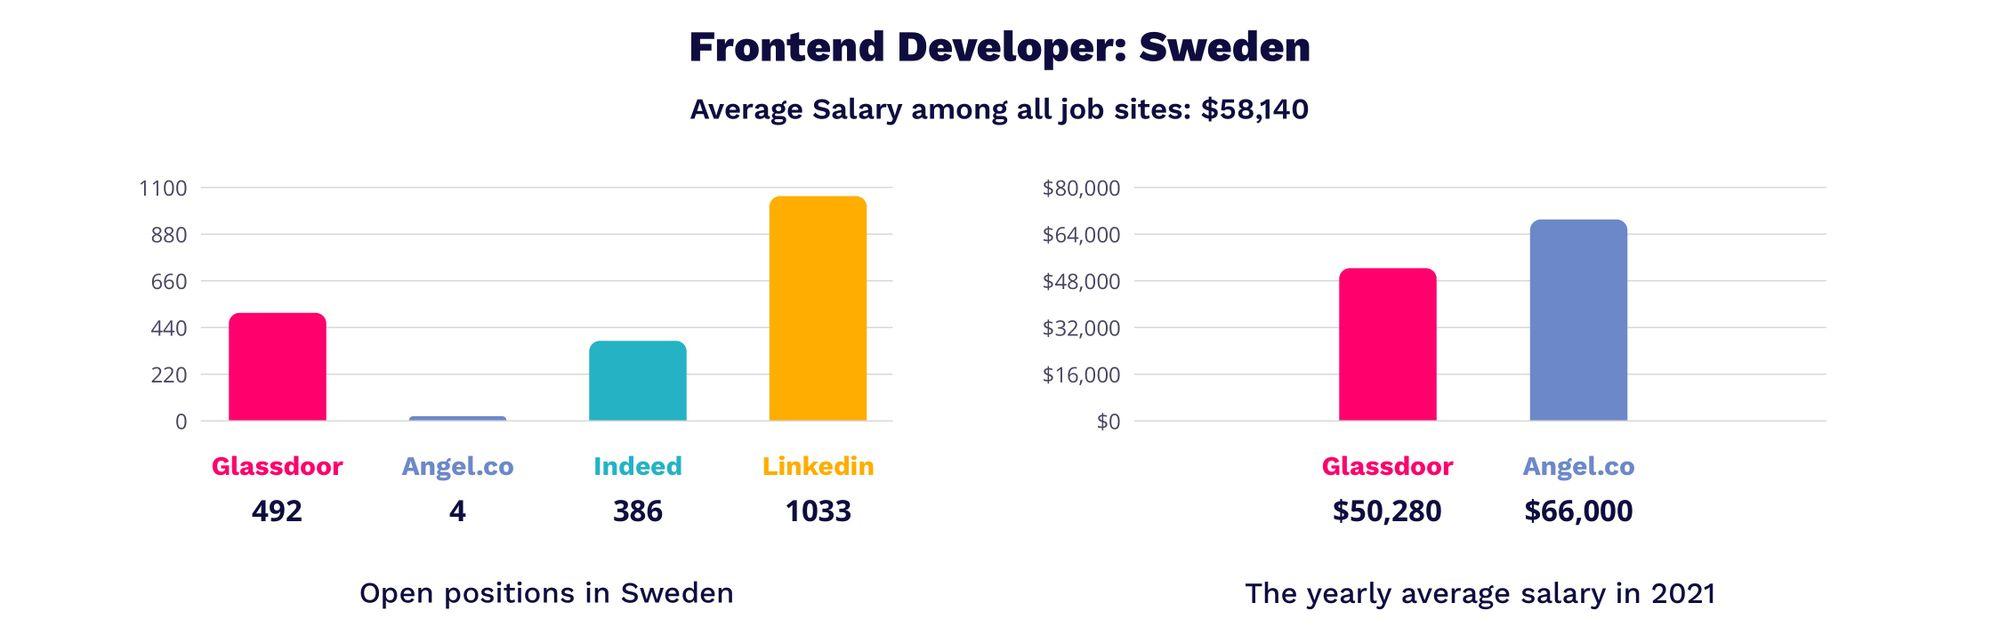 frontend developer salaries in Sweden